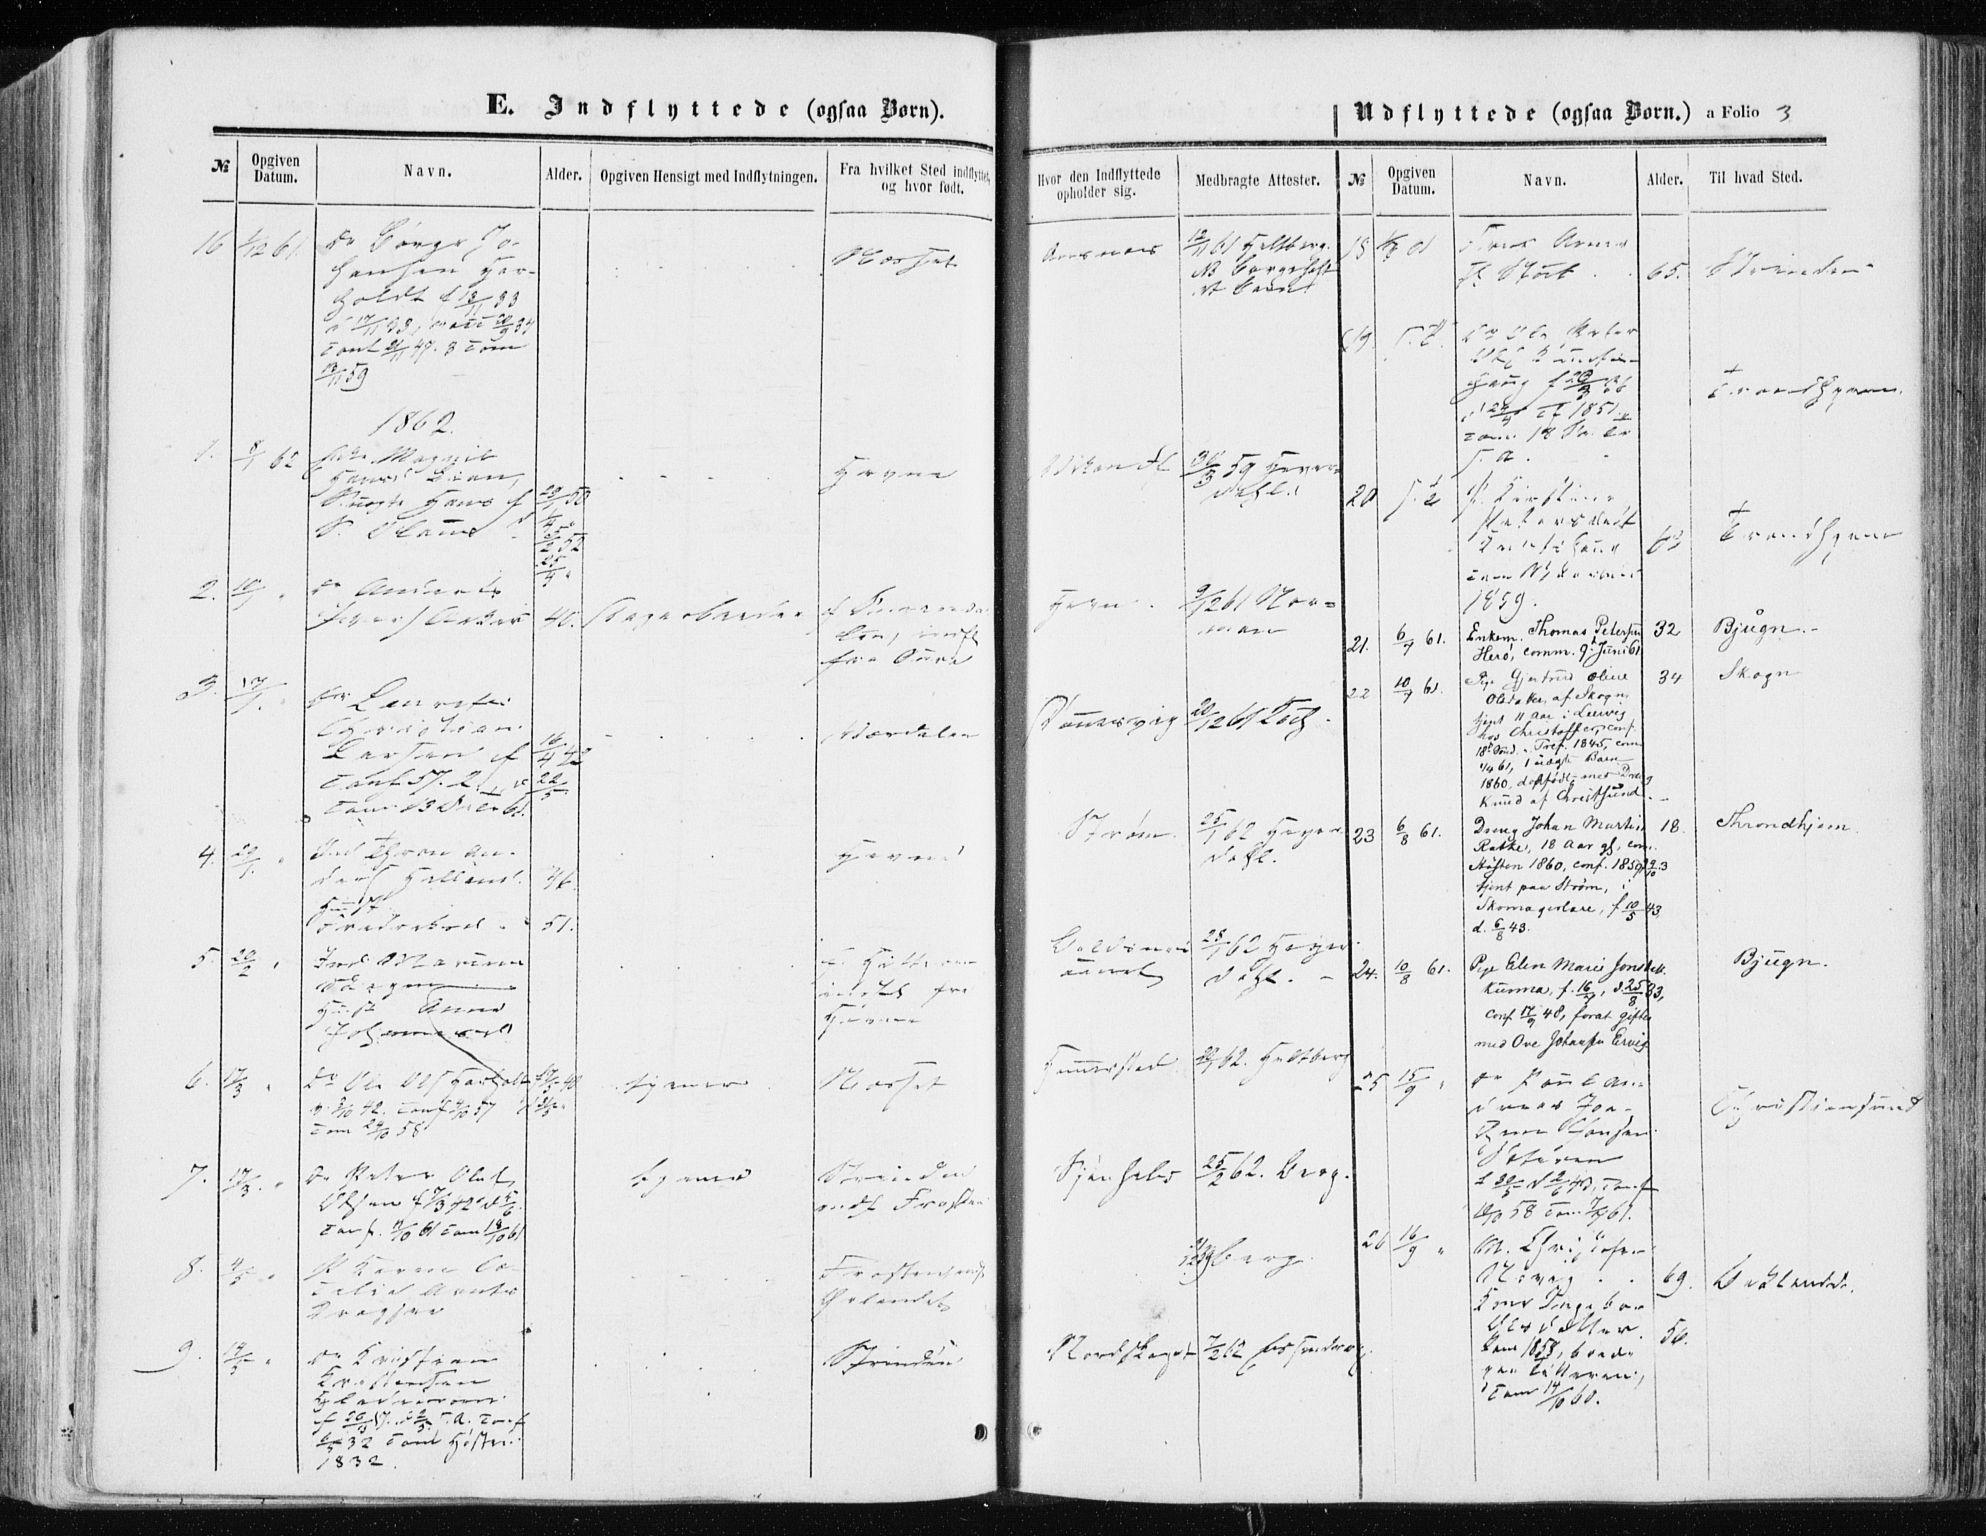 SAT, Ministerialprotokoller, klokkerbøker og fødselsregistre - Sør-Trøndelag, 634/L0531: Ministerialbok nr. 634A07, 1861-1870, s. 3